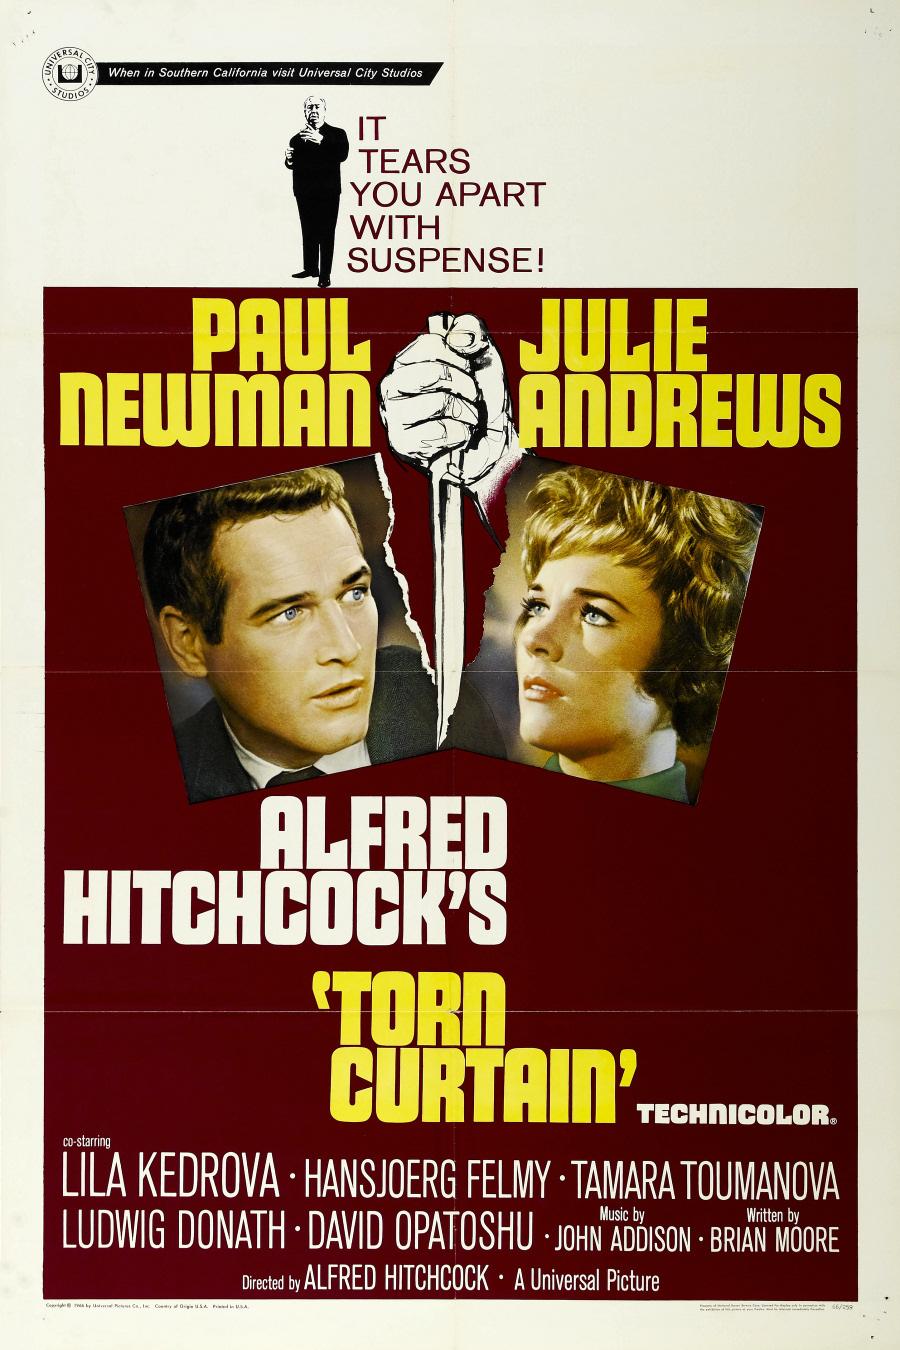 http://3.bp.blogspot.com/-3UrWv-FyN4M/TlOIfj8sP1I/AAAAAAAAAMI/ASGFgYvxQpM/s1600/Torn+Curtain+Poster.jpg